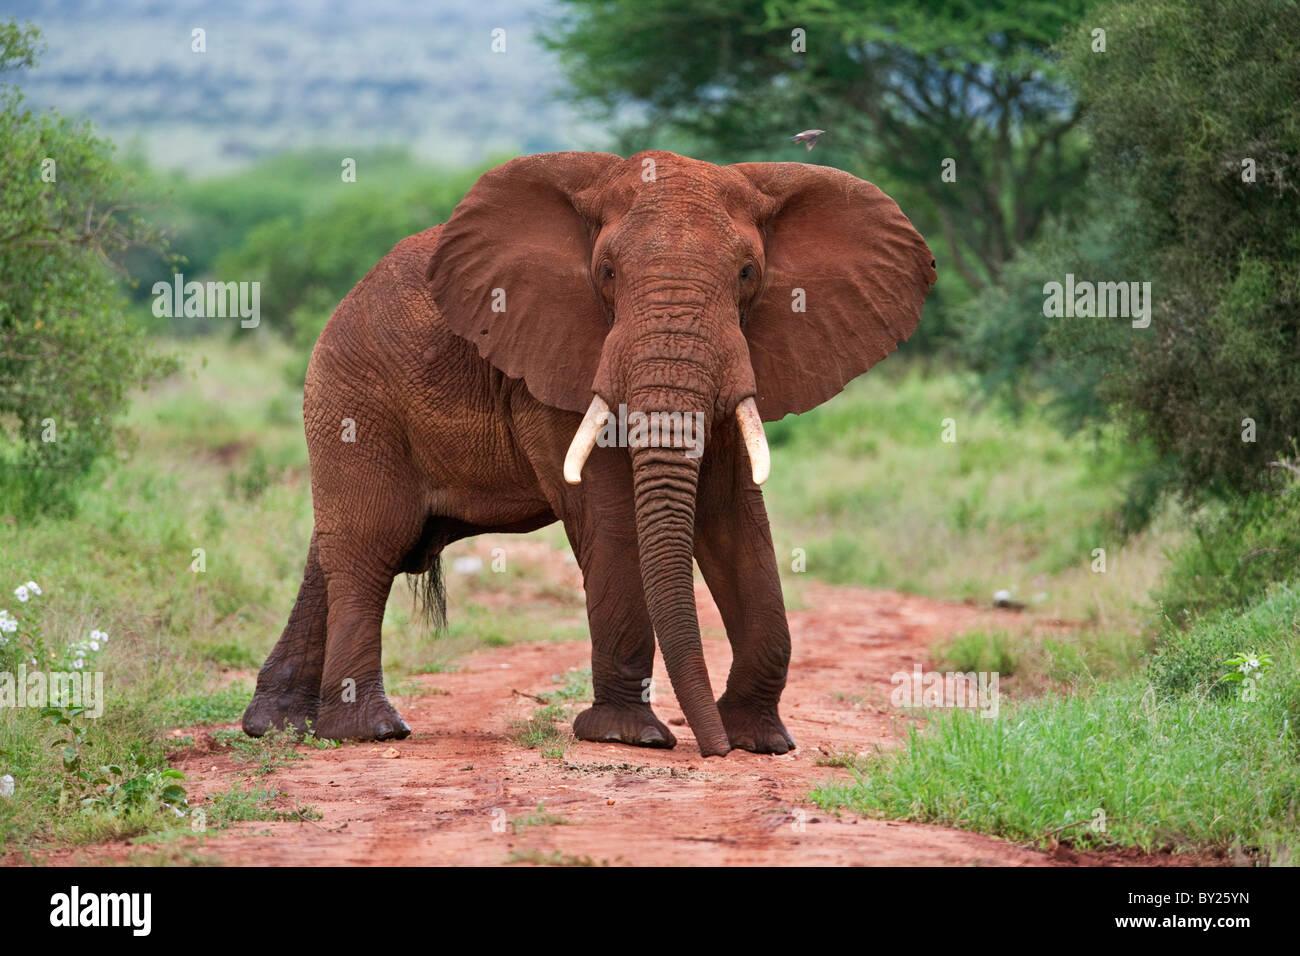 Un elefante cubierto de polvo rojo bloquea una vía en Kenya s Tsavo West National Park. Imagen De Stock